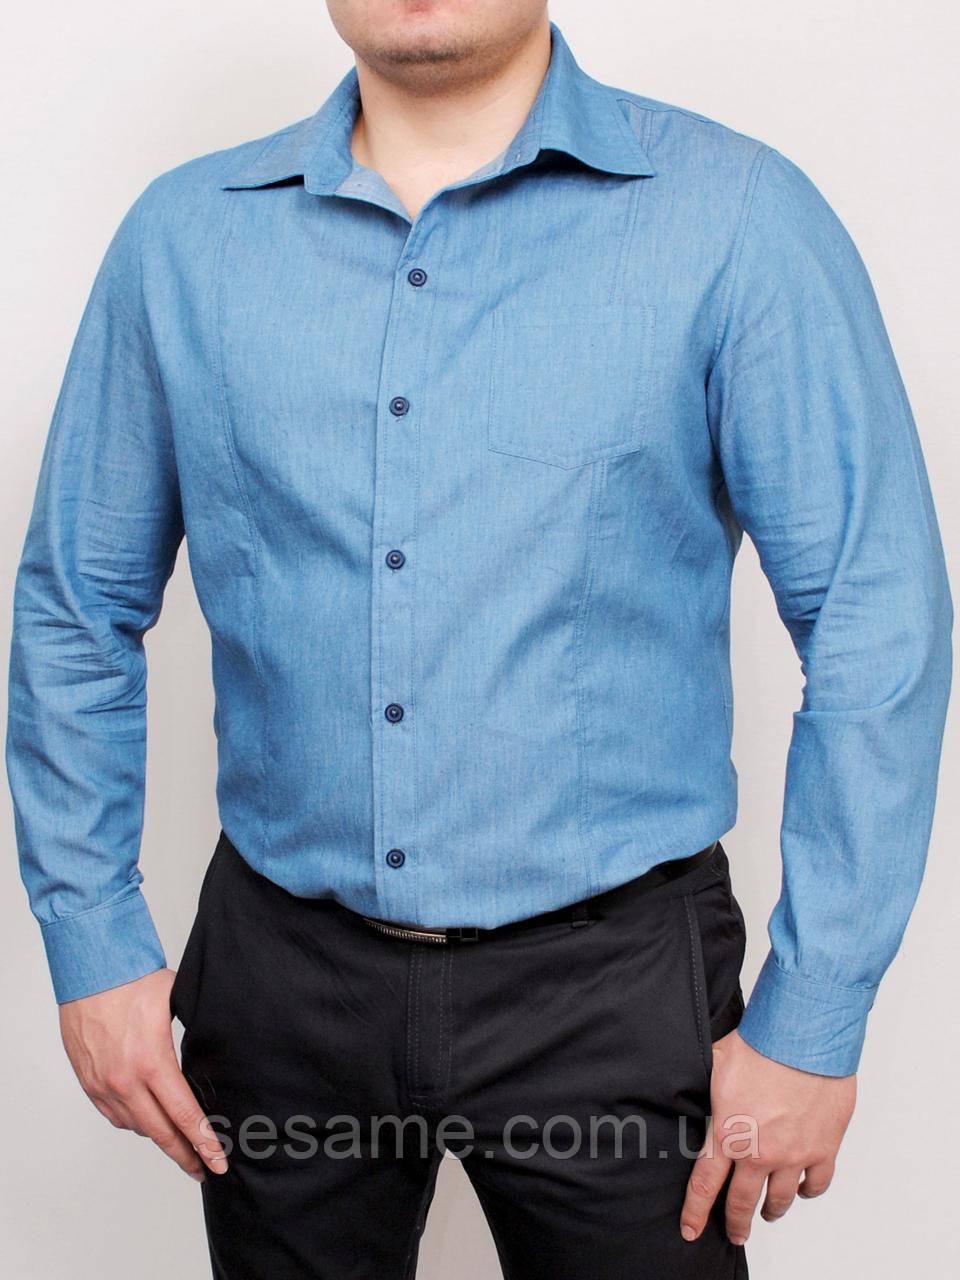 grand ua WEST рубашка длинный рукав